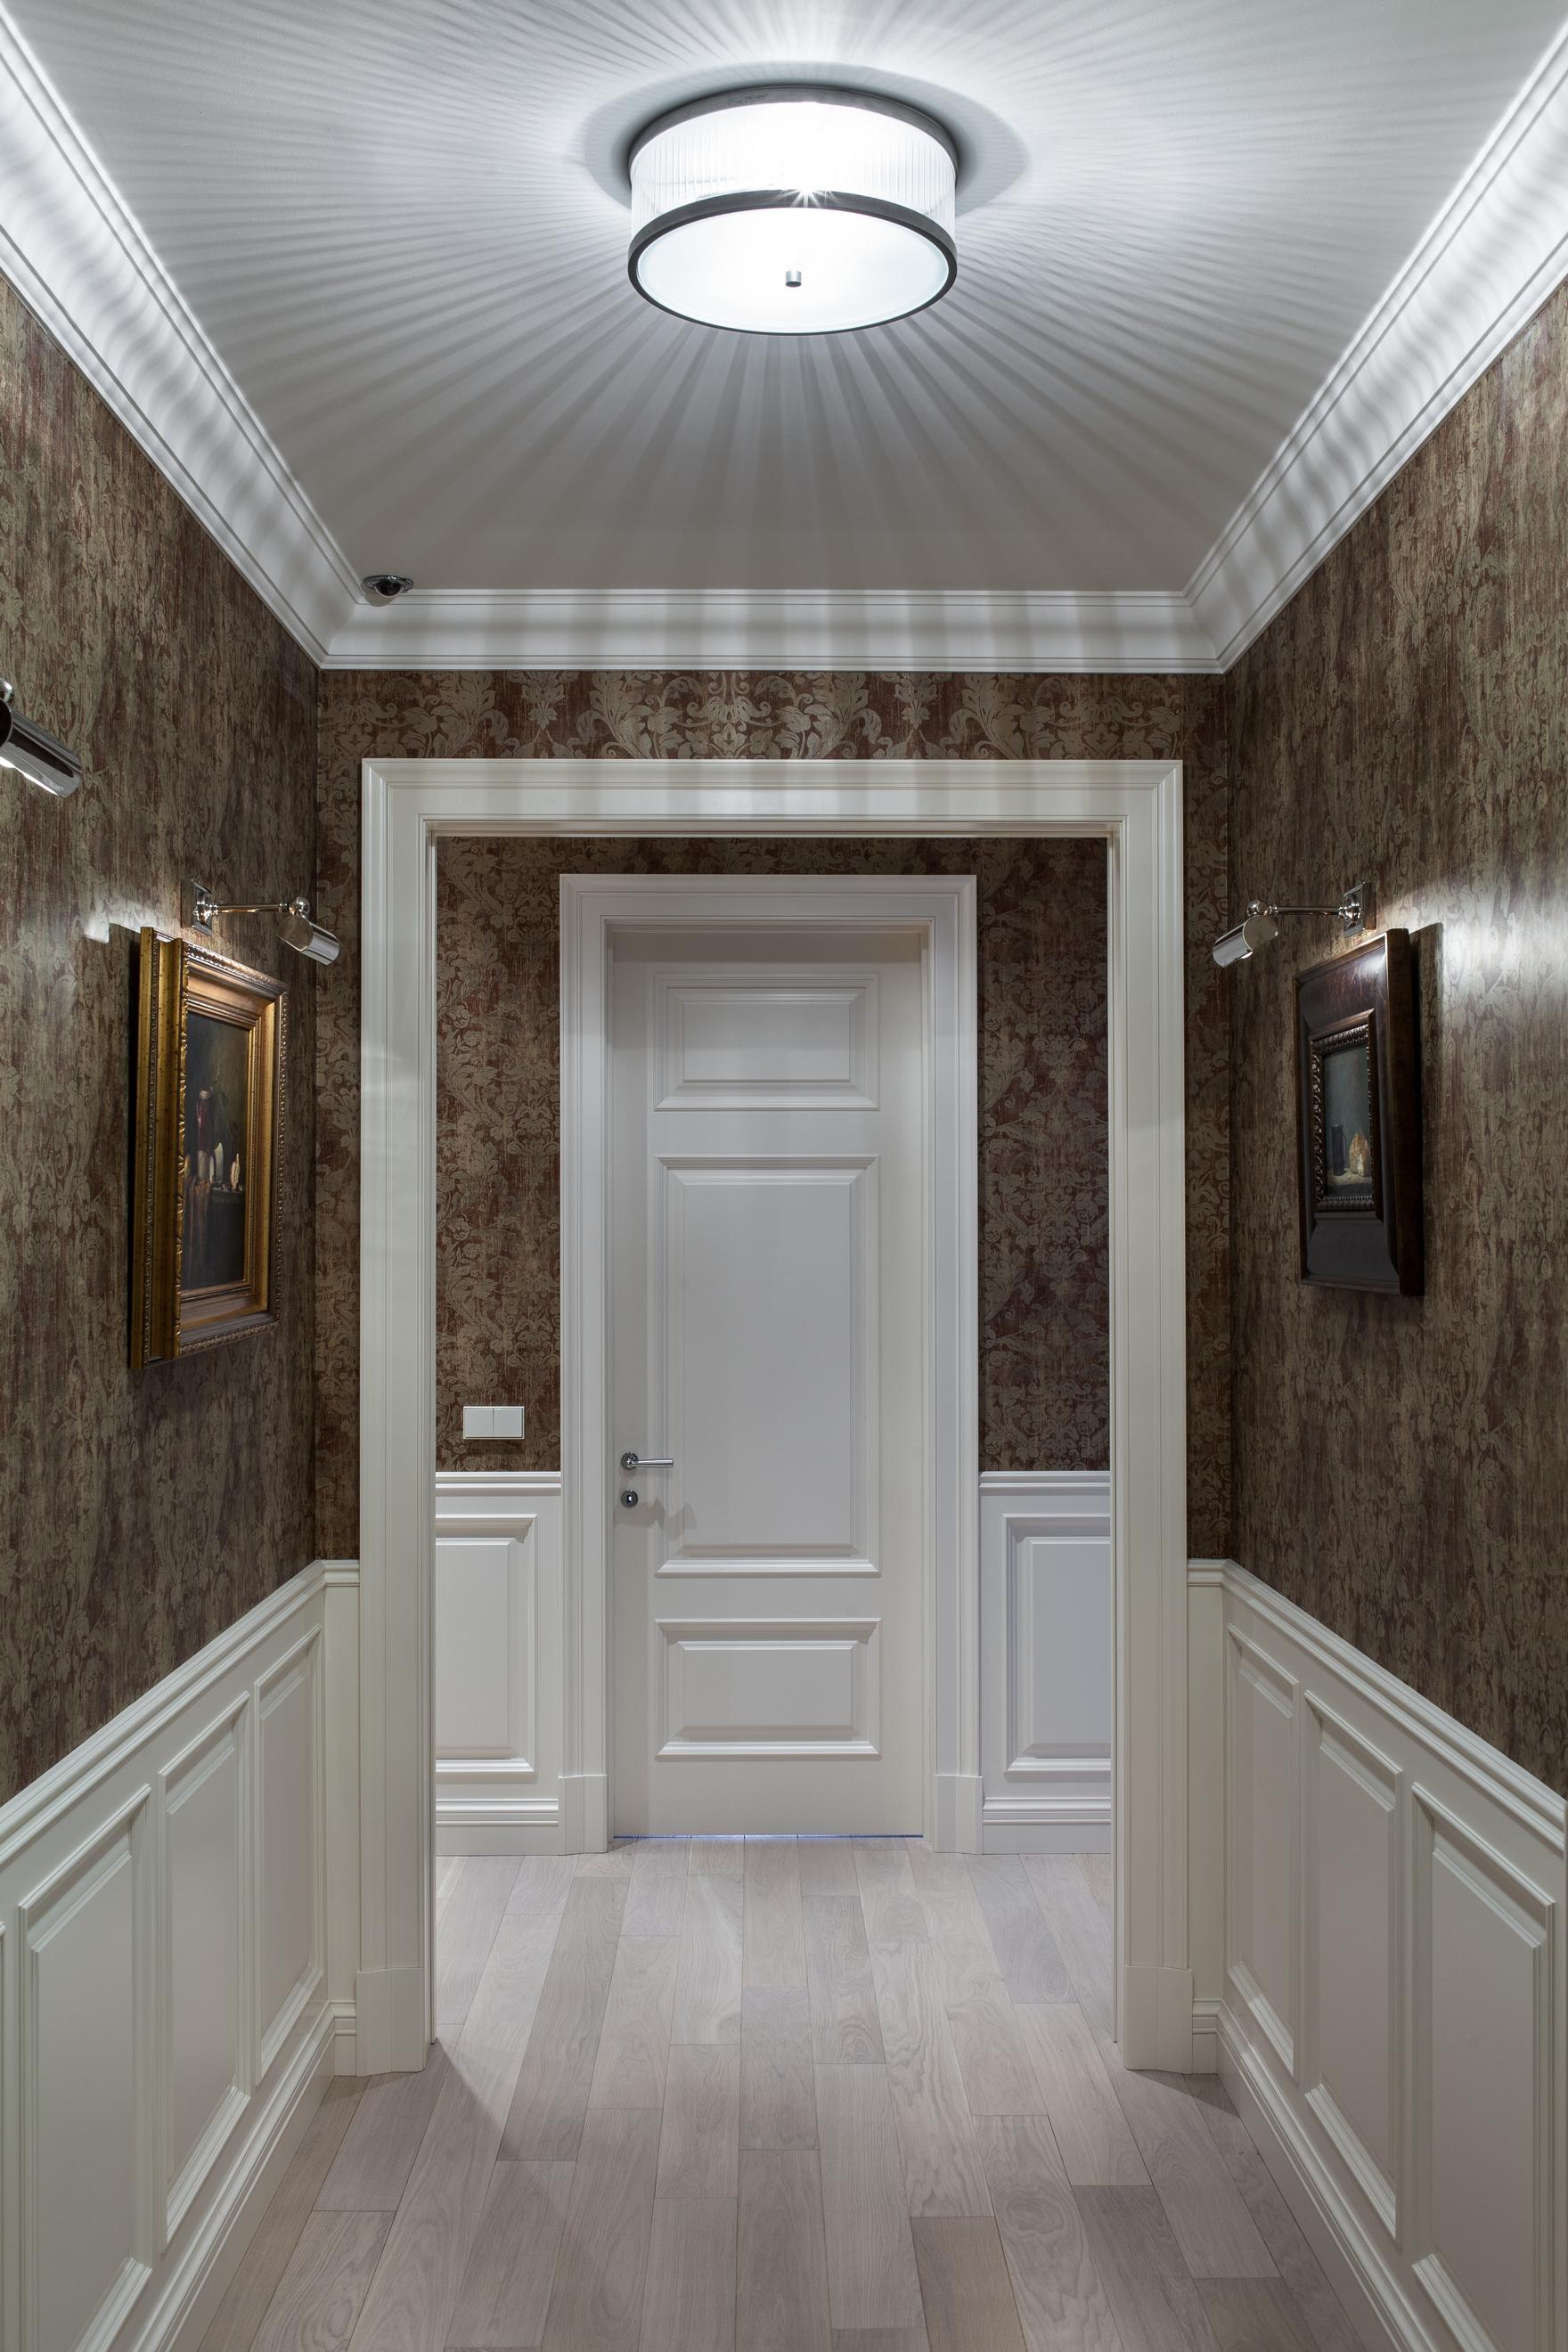 красивый интерьер проходной комнаты с маленьким коридором